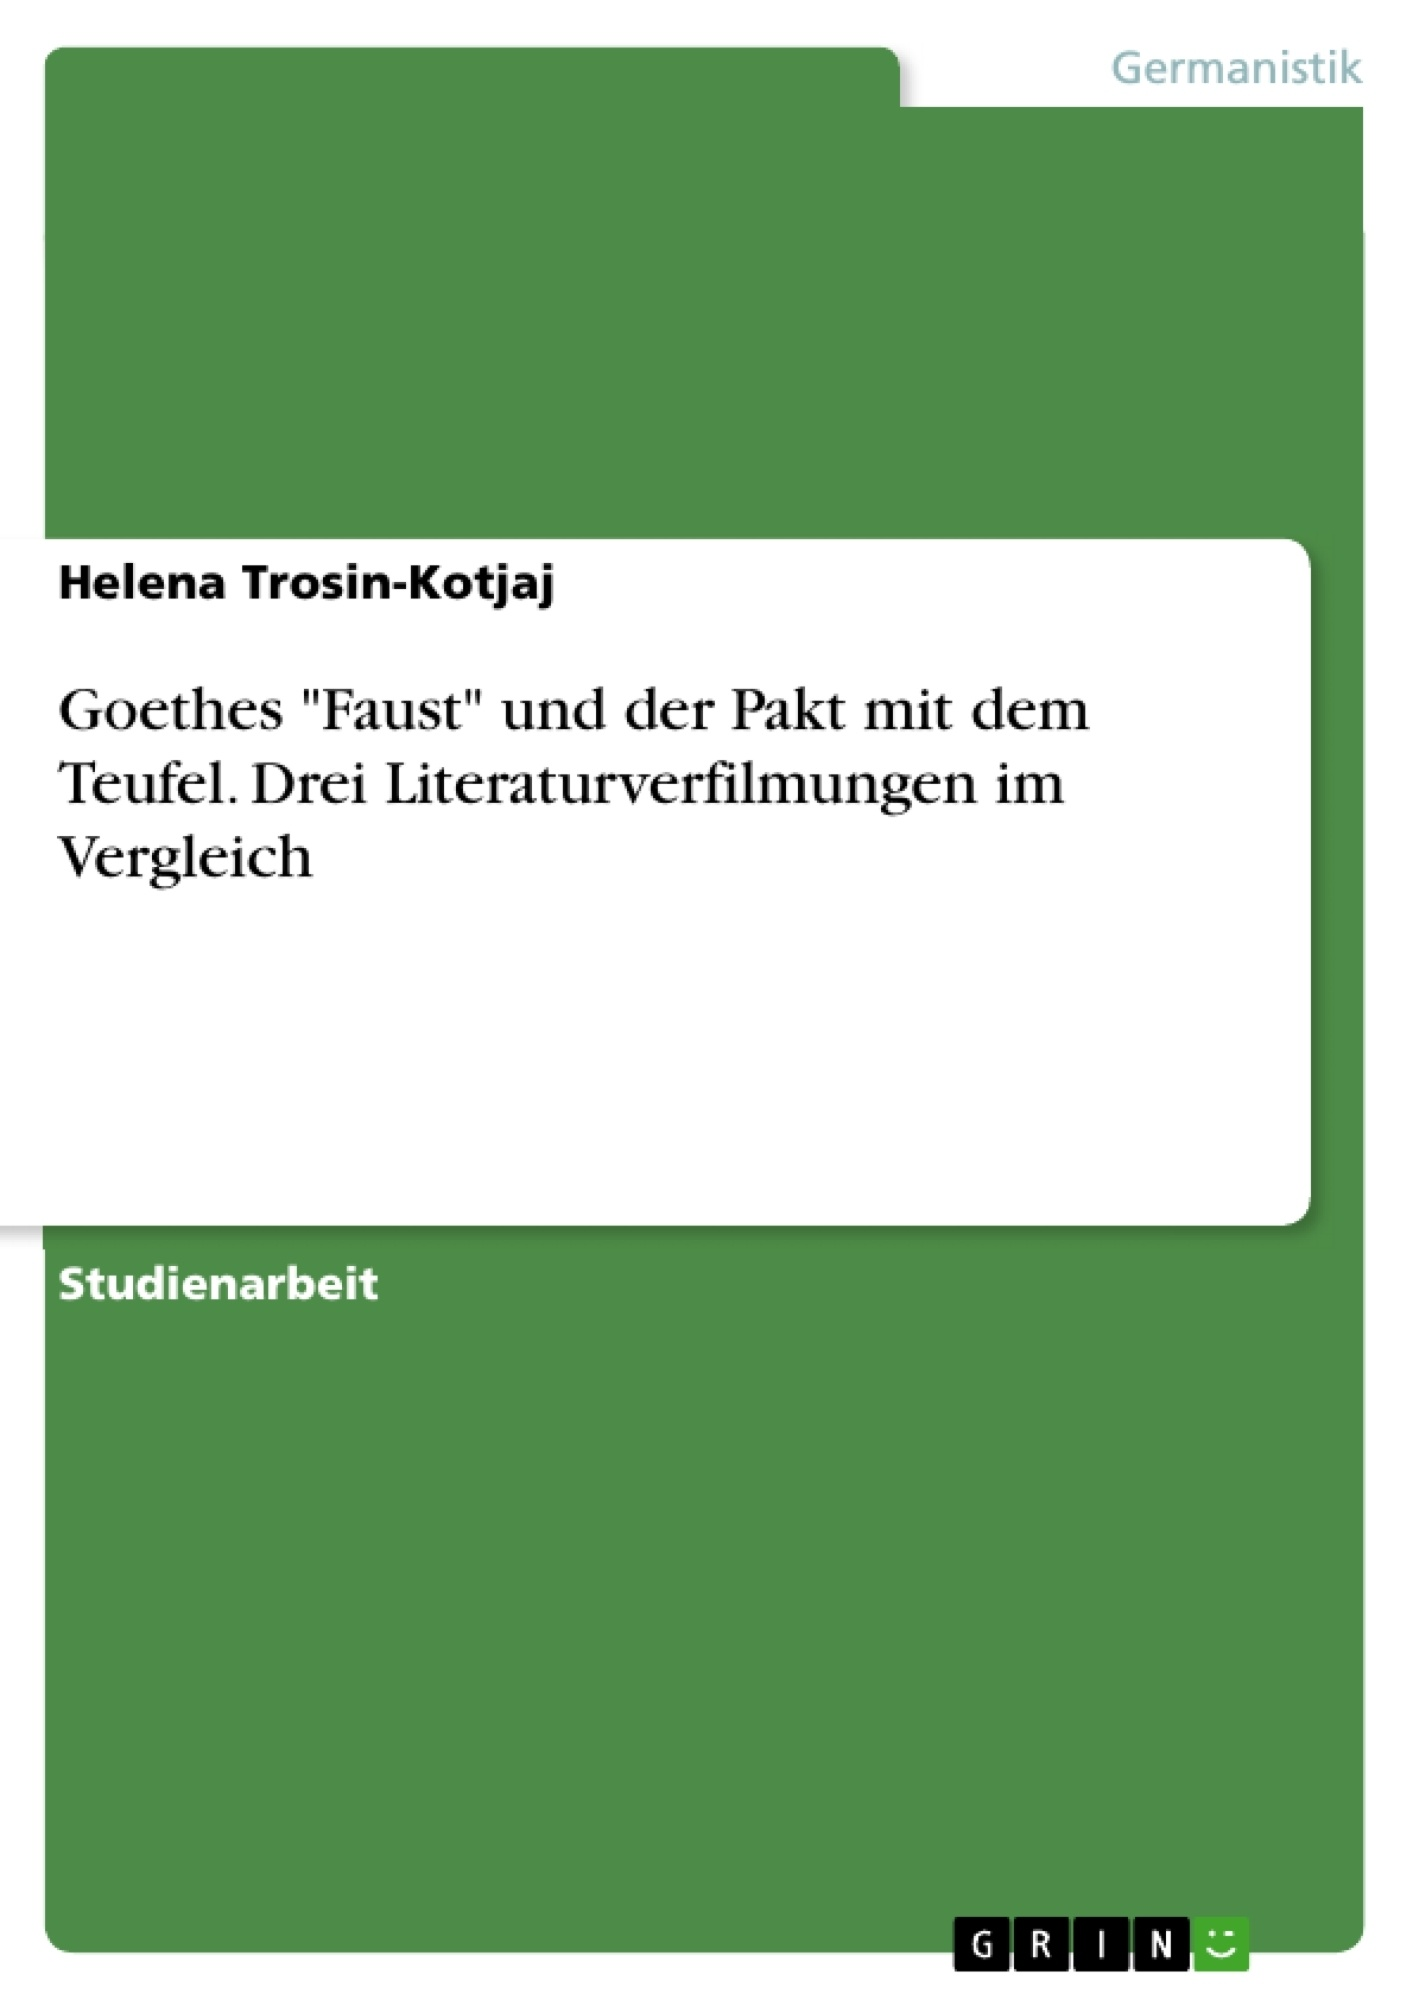 """Titel: Goethes """"Faust"""" und der Pakt mit dem Teufel. Drei Literaturverfilmungen im Vergleich"""